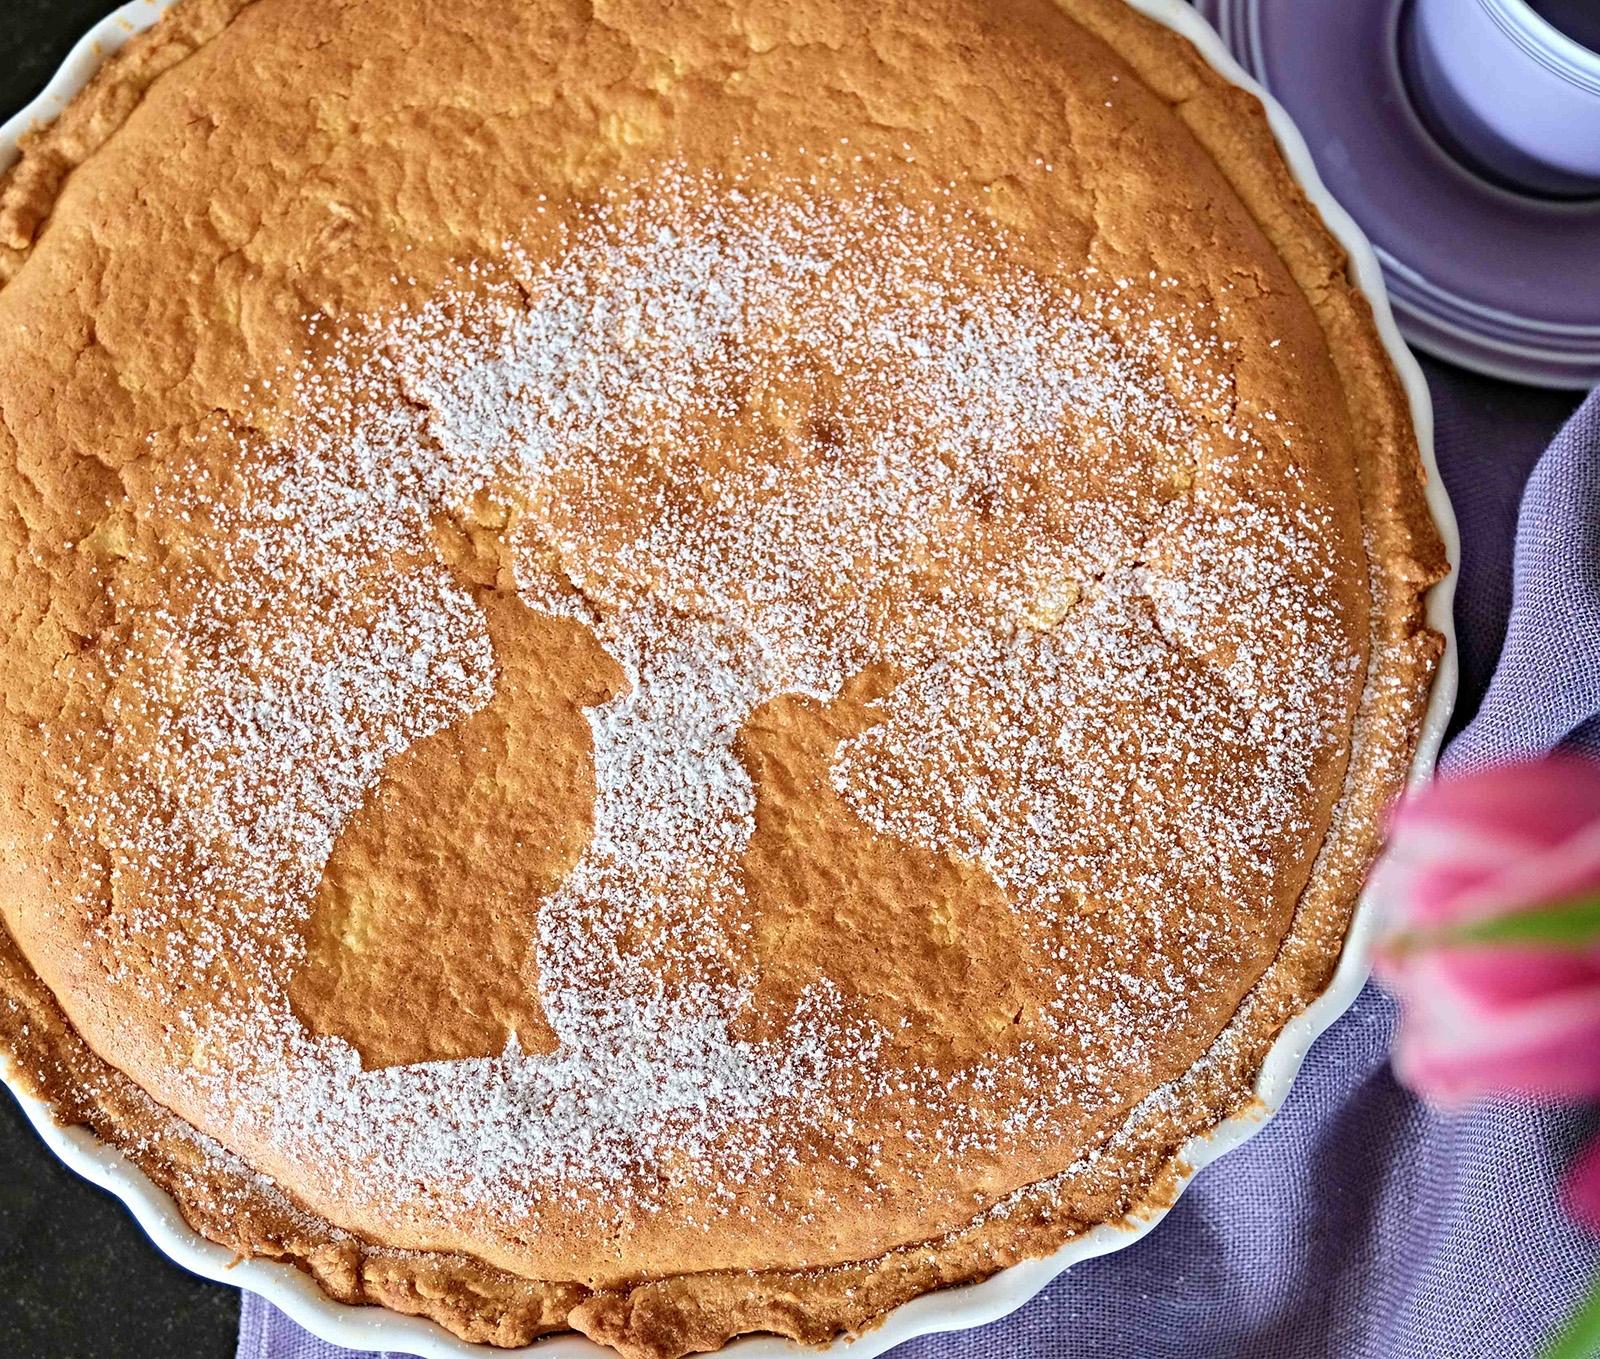 Velikonoční koláč z křehkého těsta s krupicí a pomerančovou marmeládou